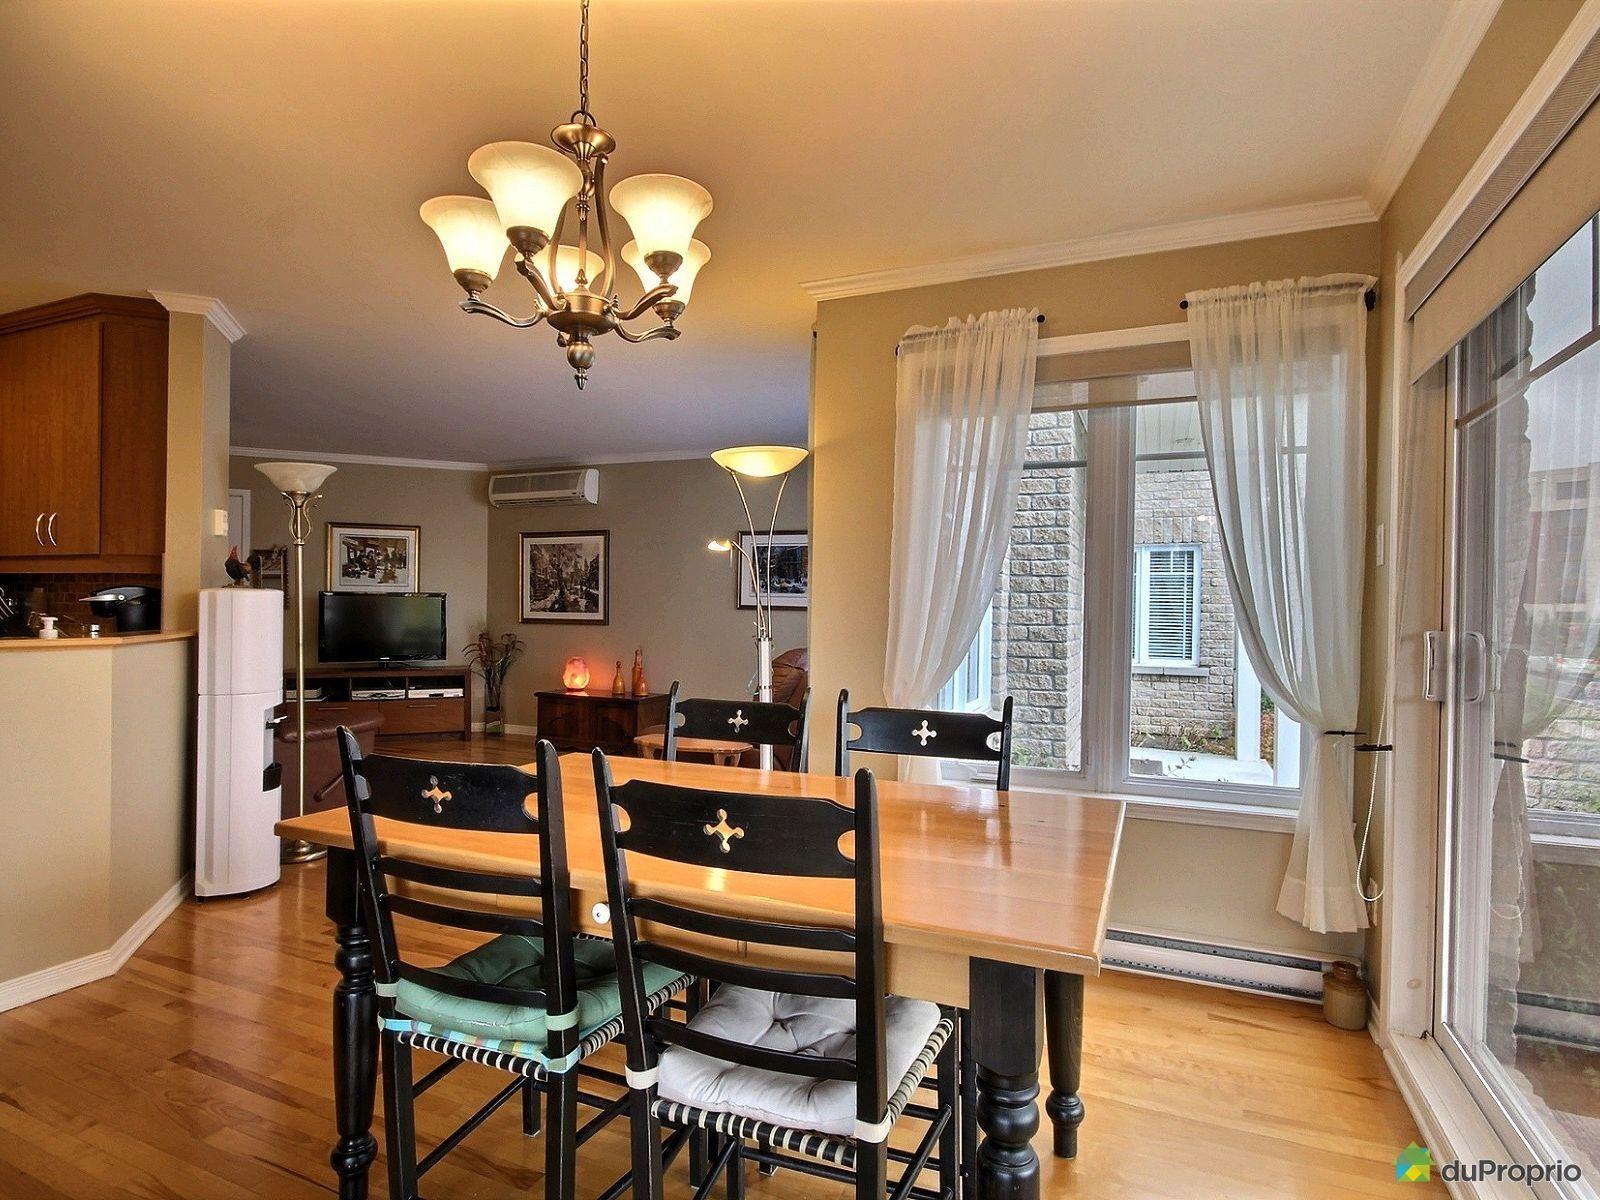 Hall d 39 entr e ferm vaste salon ouvert sur salle manger cuisine et verri re cuisine pratique - Salon ouvert sur salle a manger ...